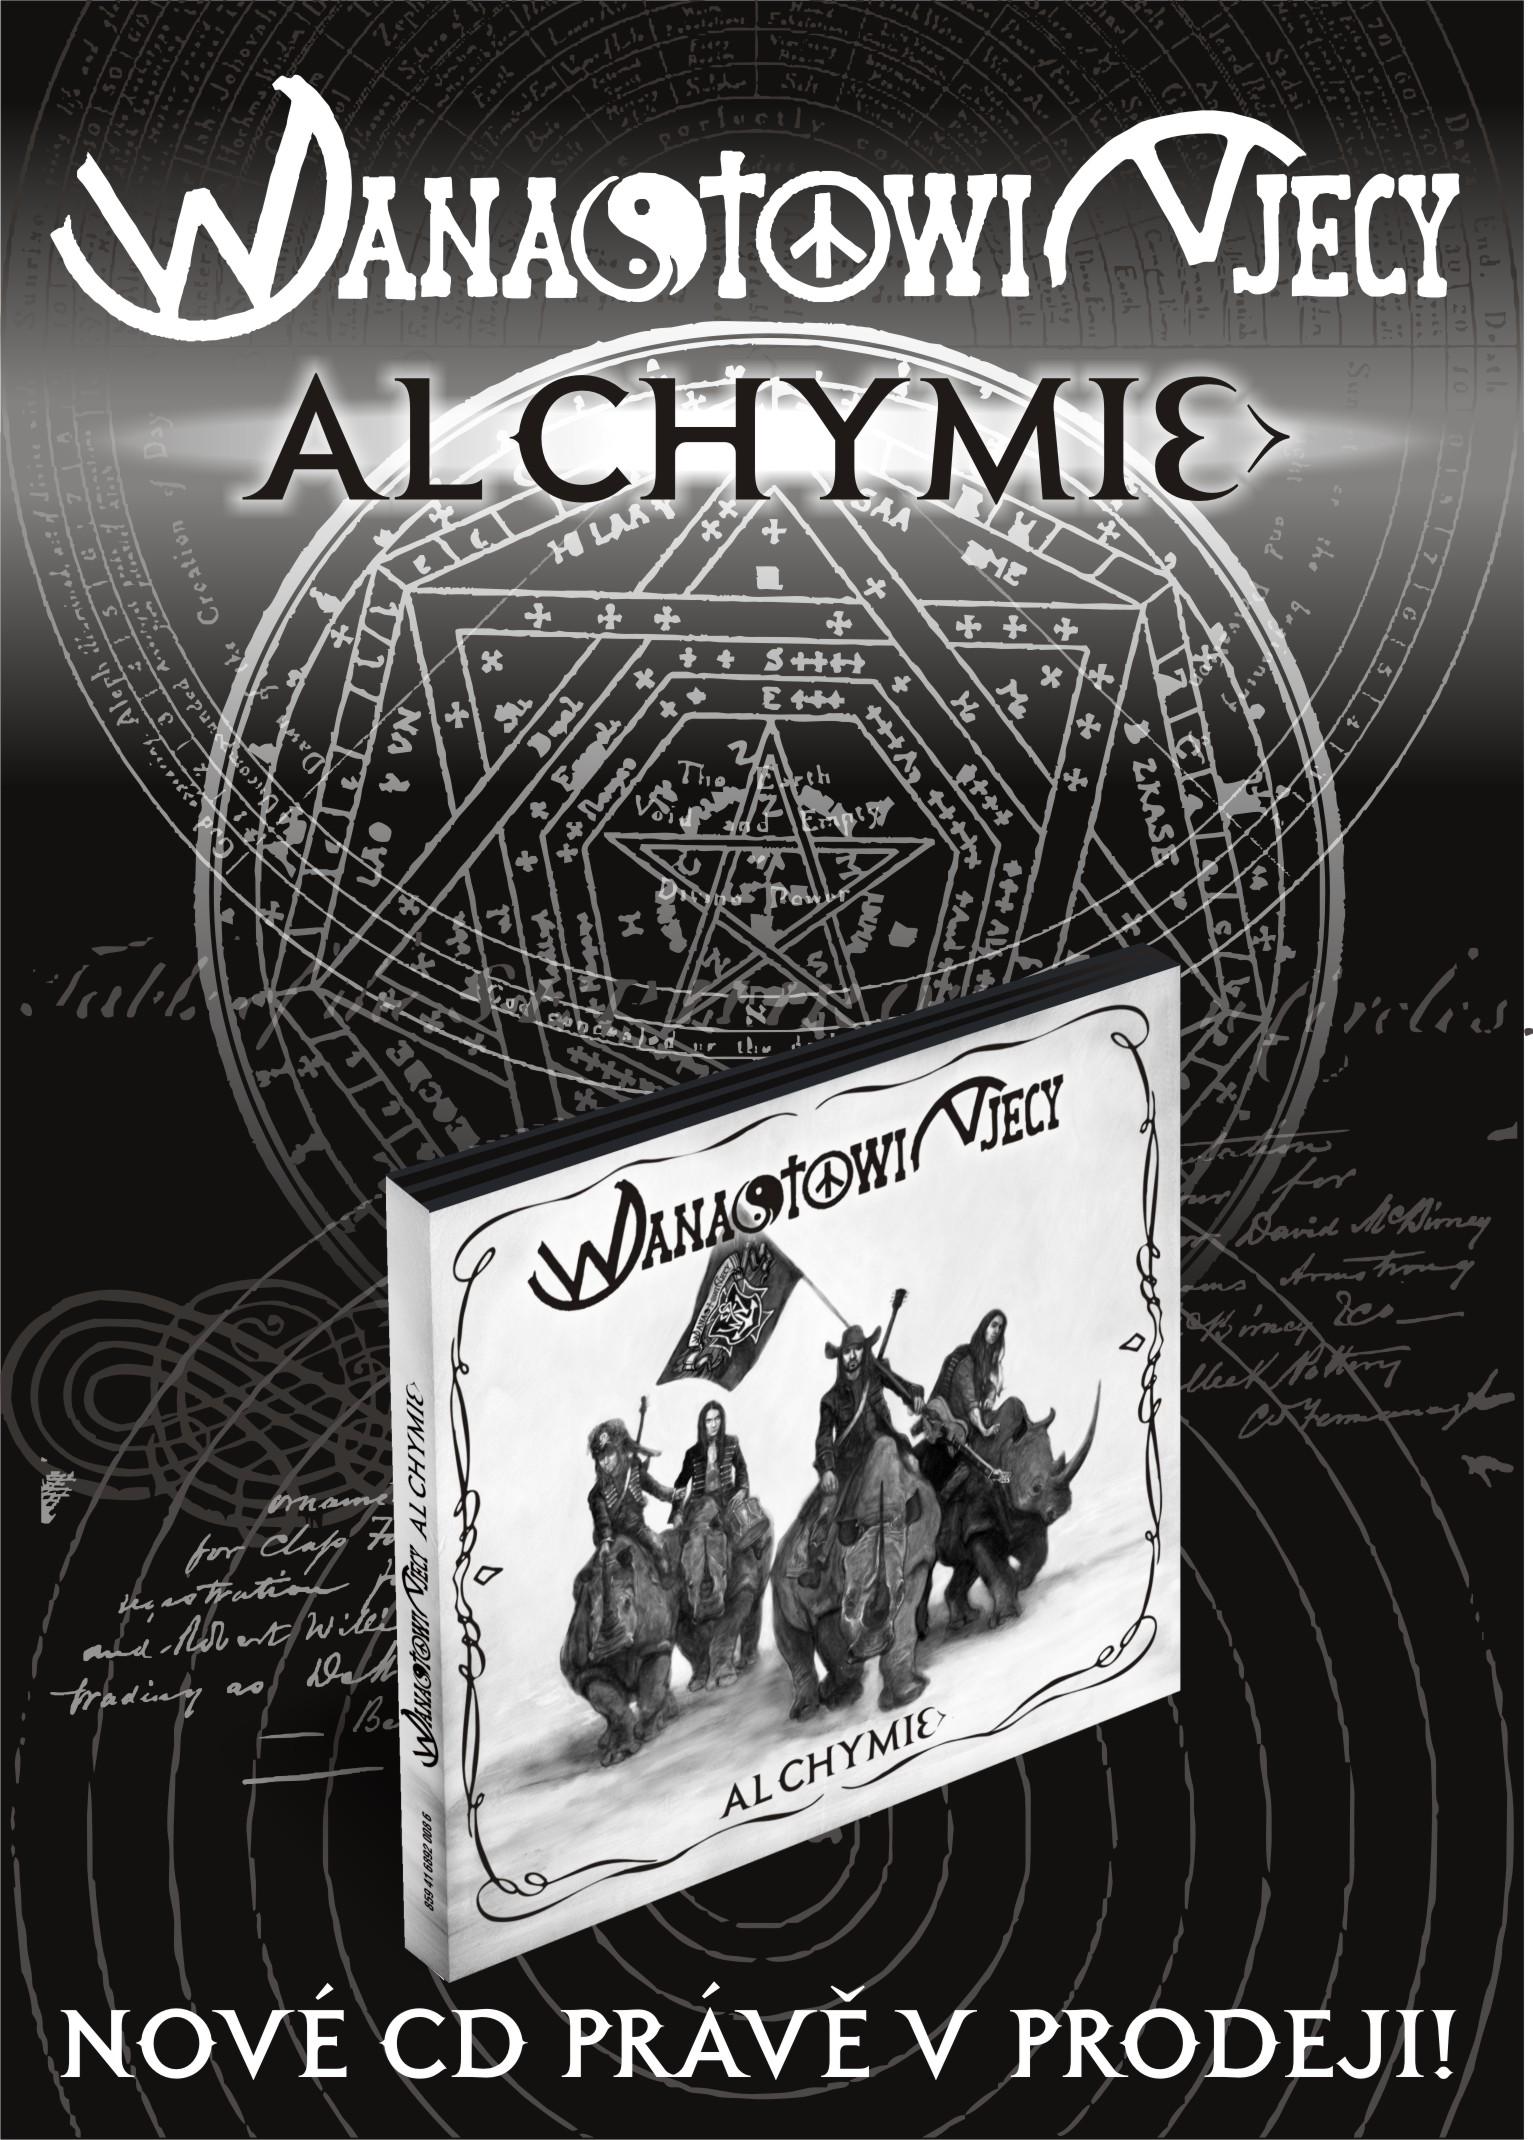 Wanastowi Vjecy vydávají nové CD Alchymie